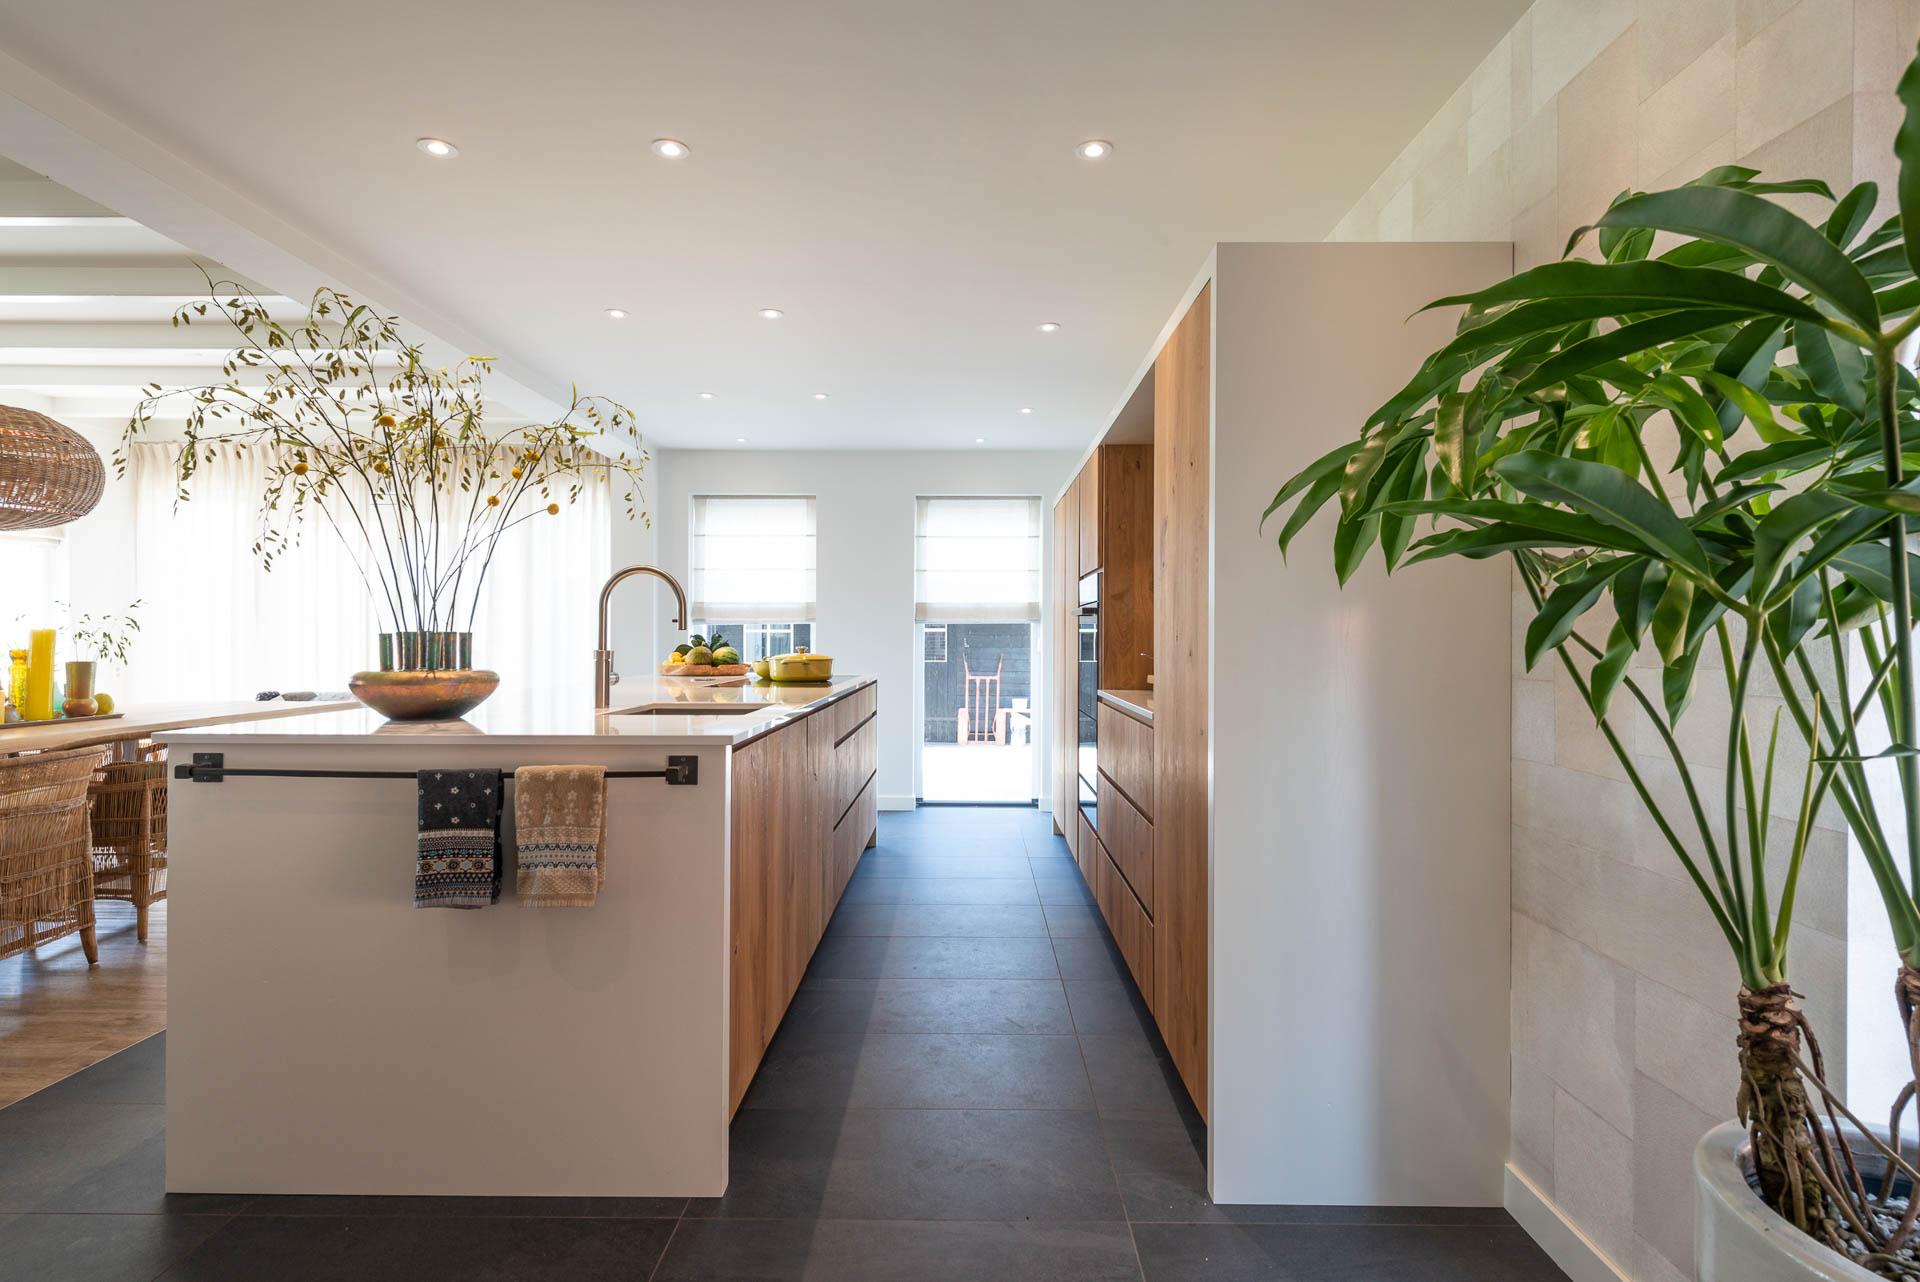 Massief eiken keuken met composiet blad in marmer look